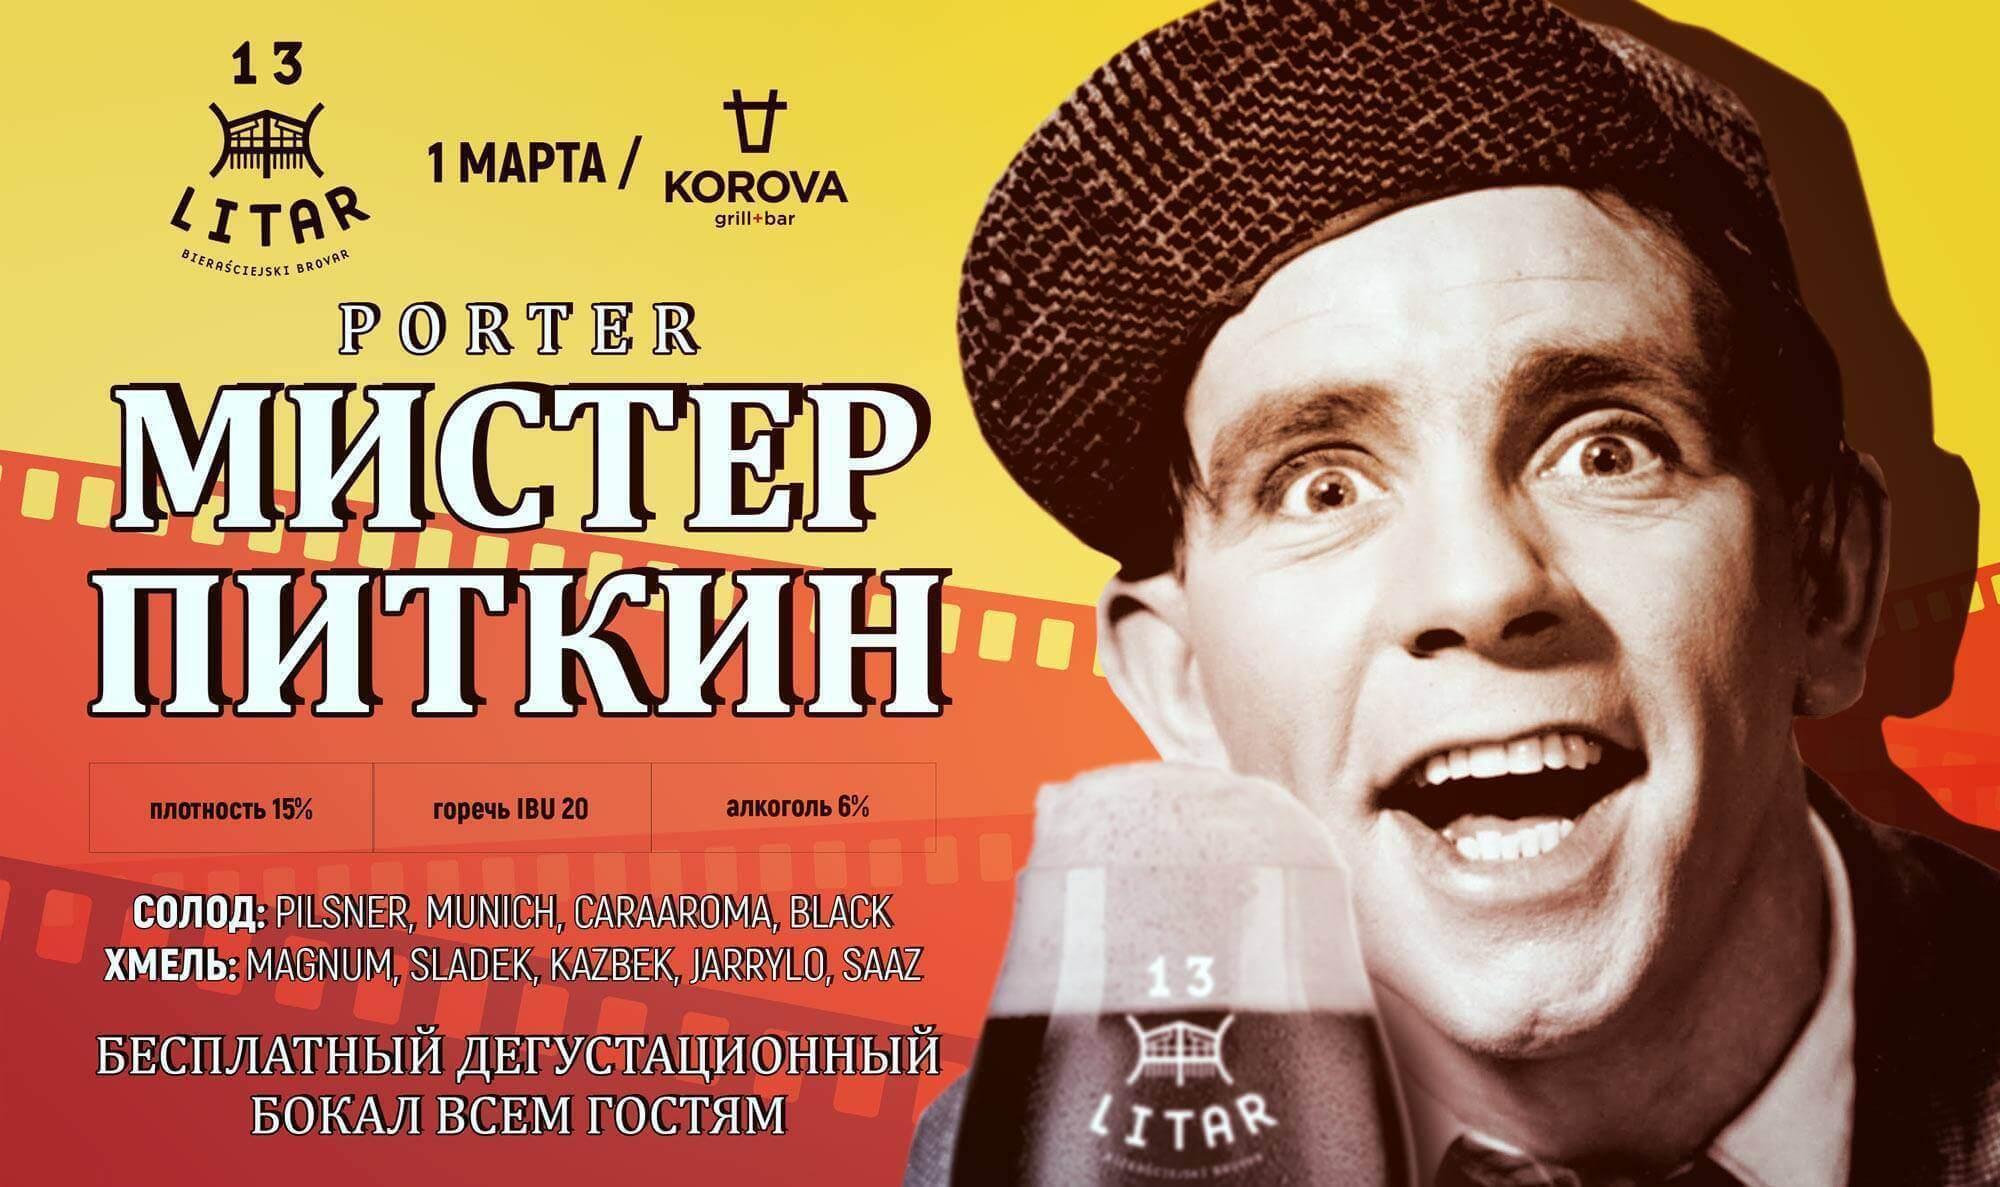 Пиво Мистер Питкин